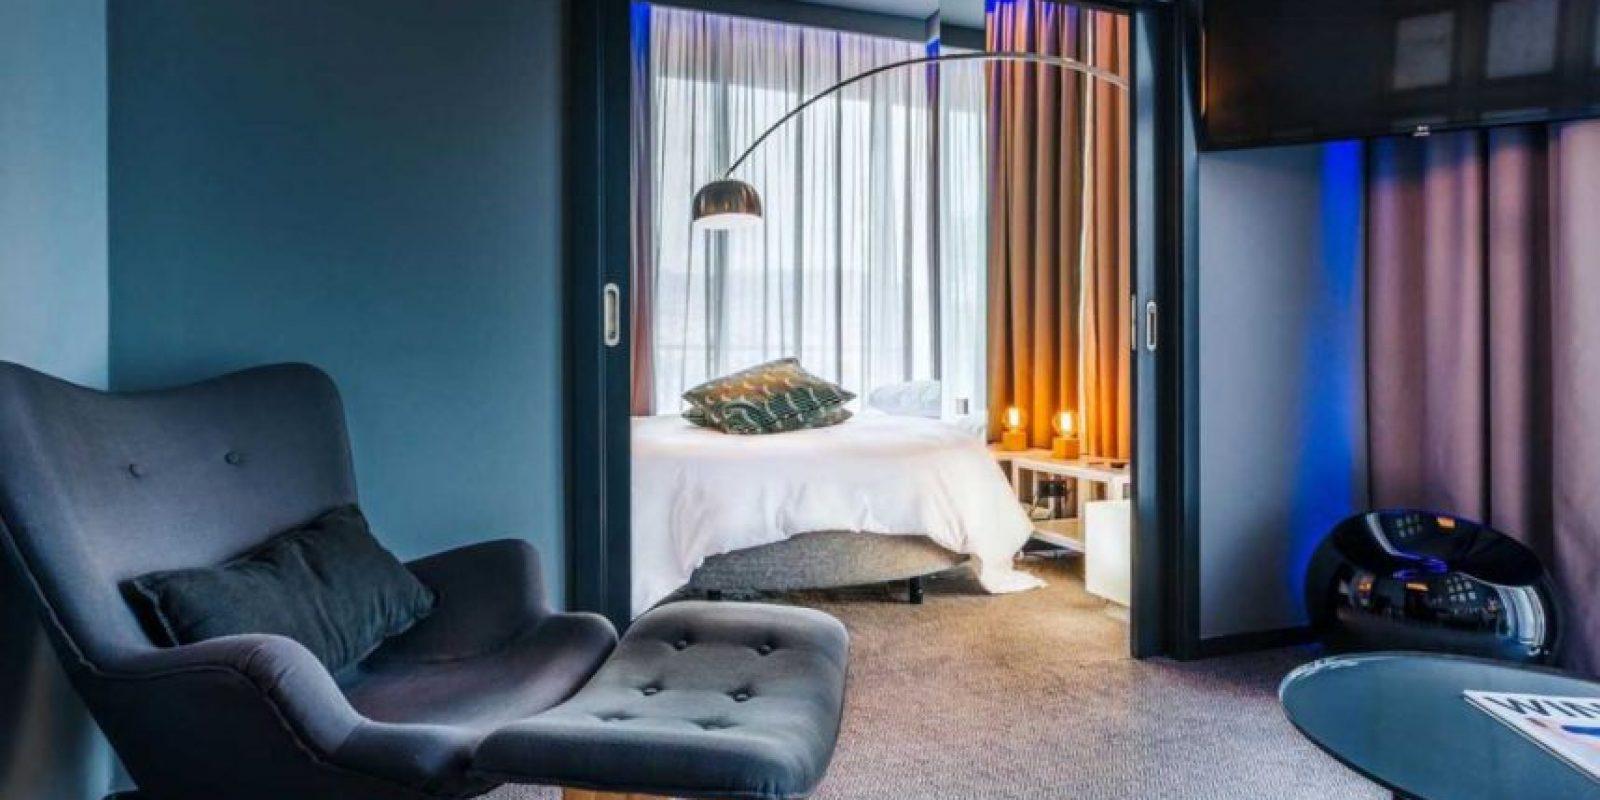 Cada pieza cuenta con Wifi, una ducha de alta tecnología y una luz de colorambiente Foto:Sitio web Pestana CR7